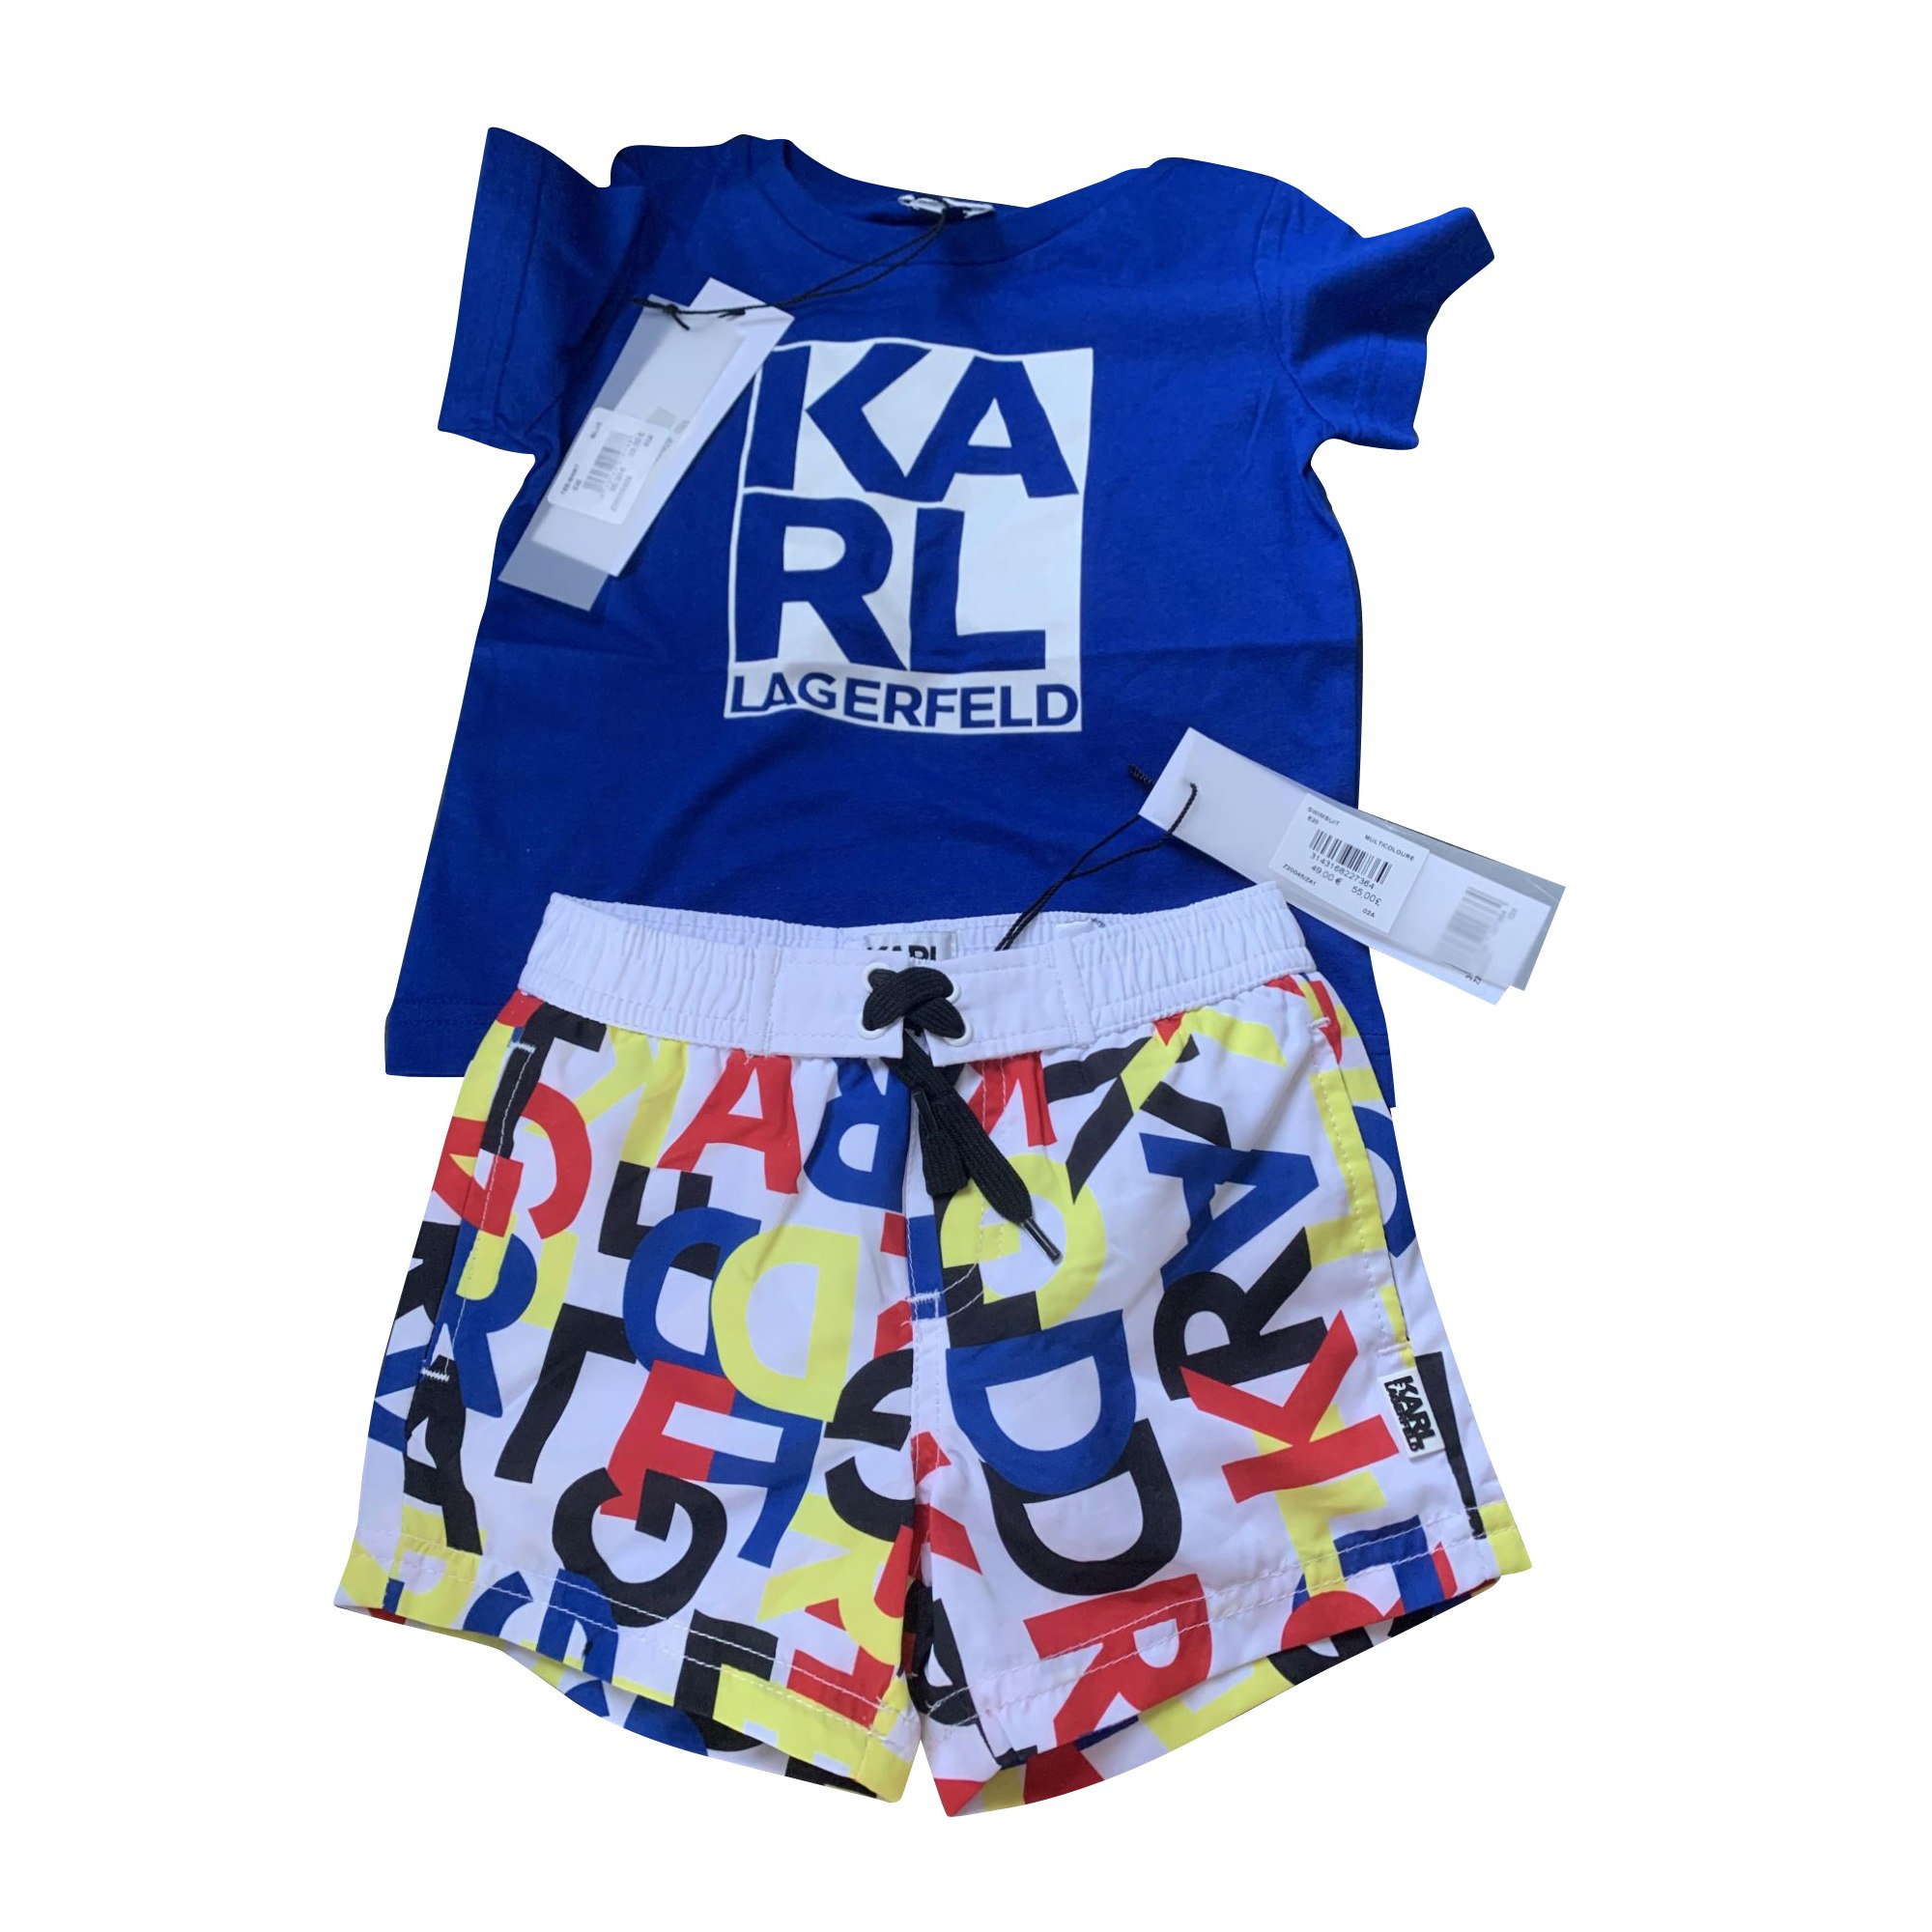 Anzug, Set für Kinder, kurz KARL LAGERFELD Blau, marineblau, türkisblau